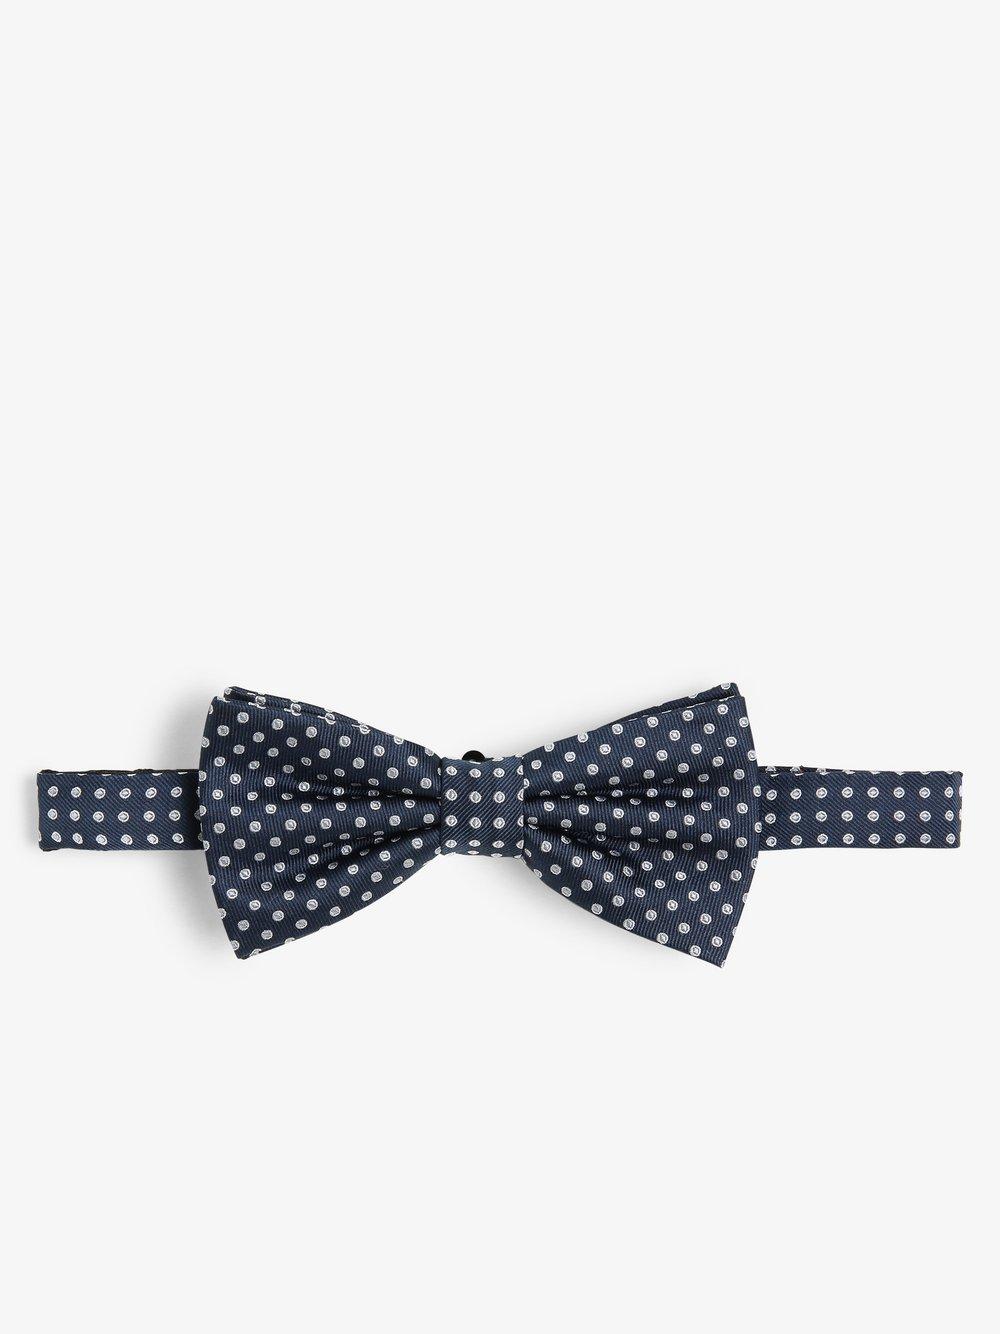 Finshley & Harding London – Muszka i poszetka męska z jedwabiu, niebieski Van Graaf 469714-0001